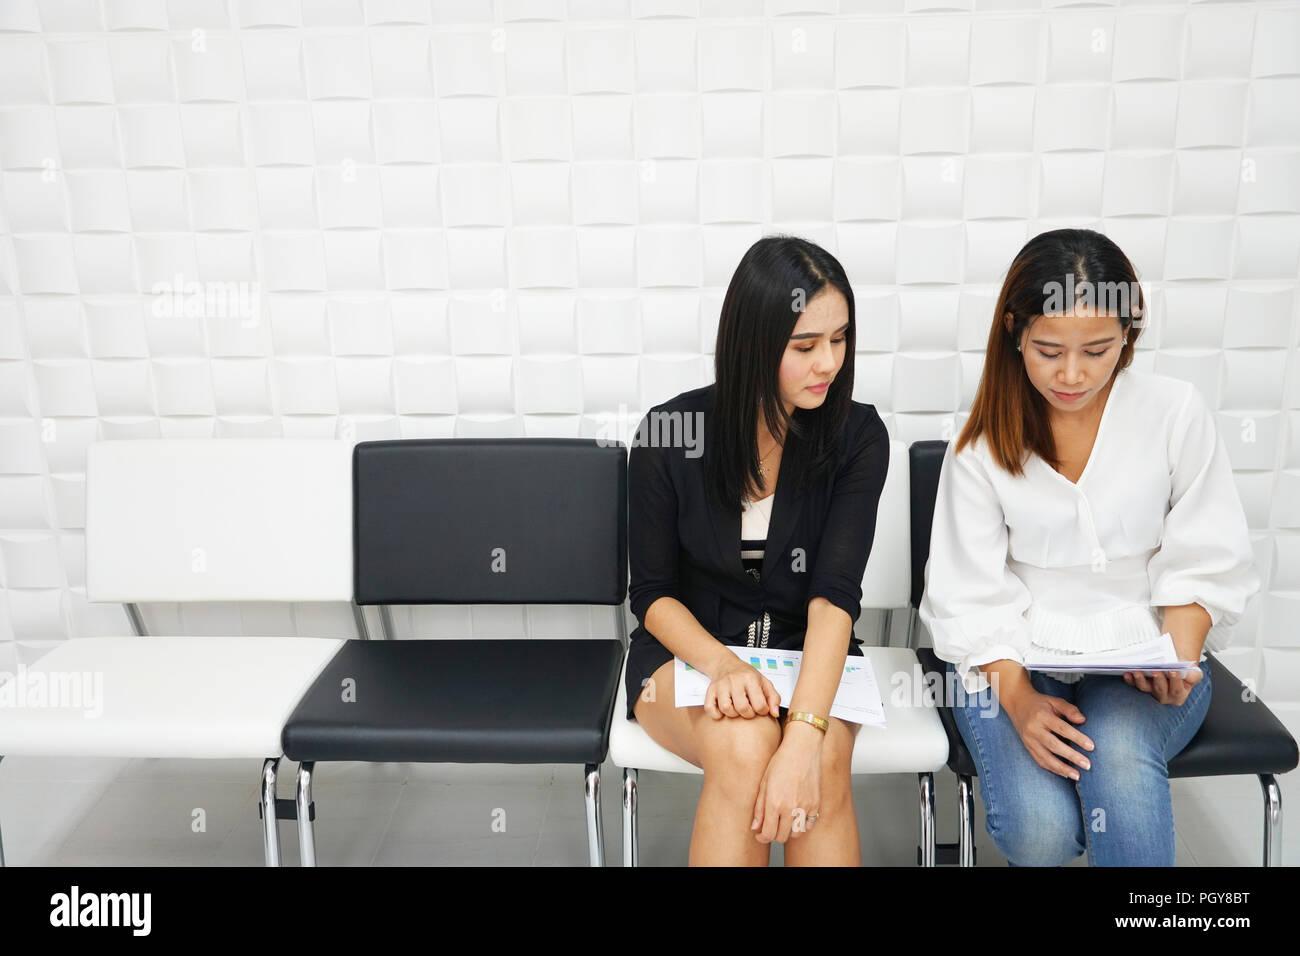 Deux femmes attendre que l'attente d'une entrevue. Photo Stock